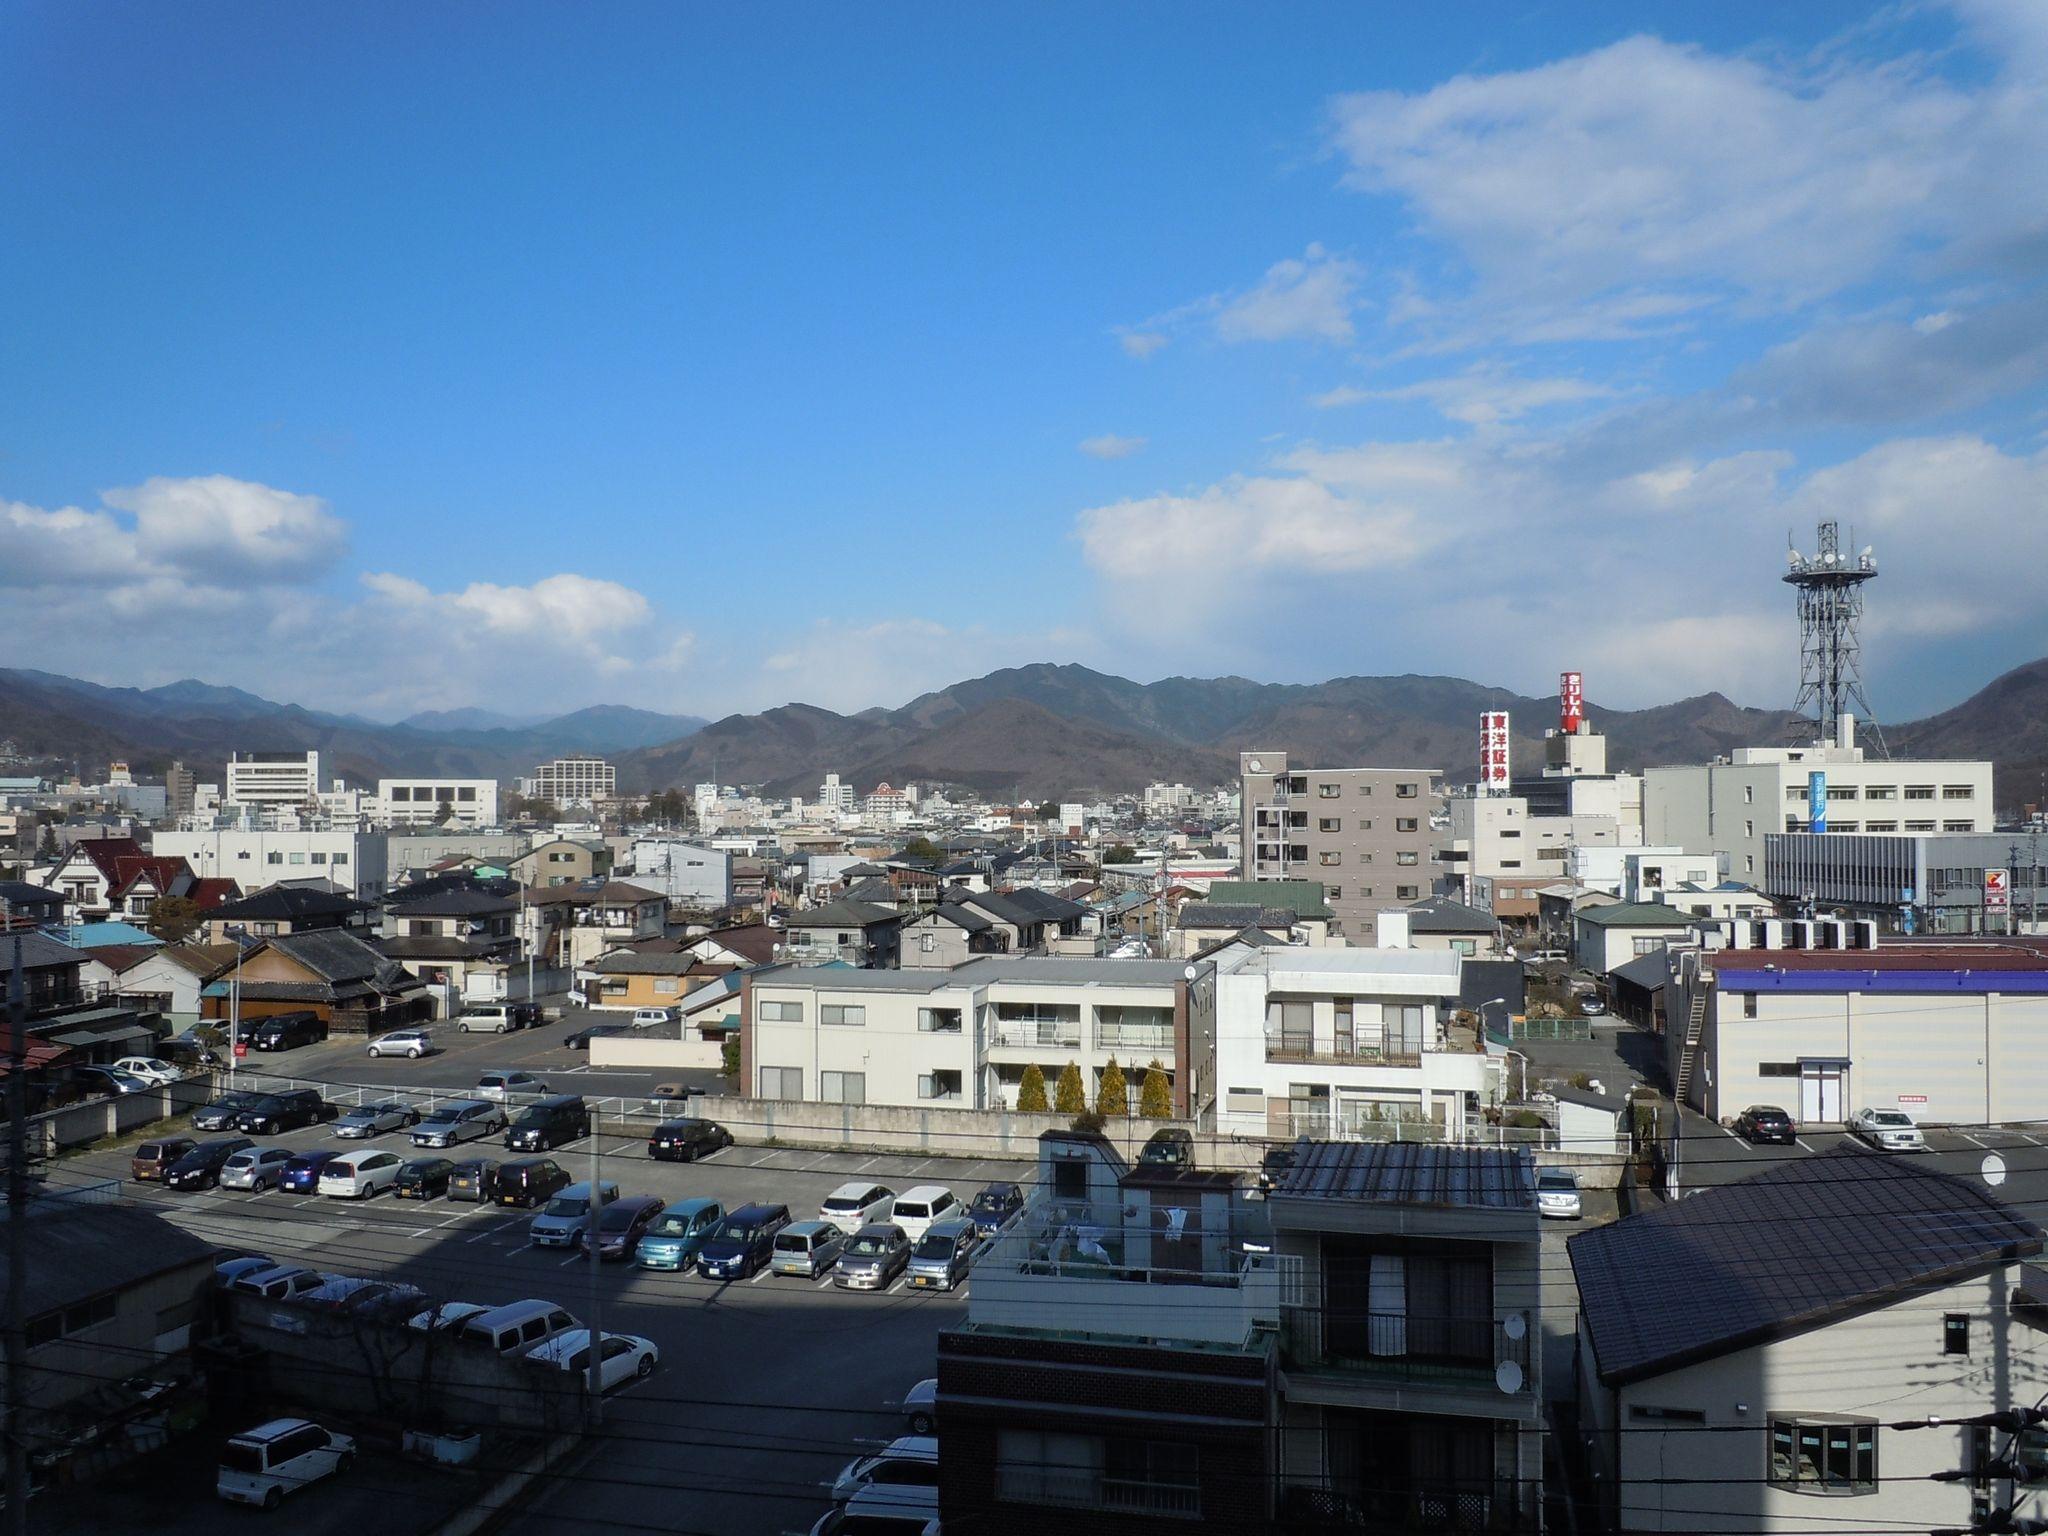 2011年3月11日15時5分ごろ撮影。桐生市内